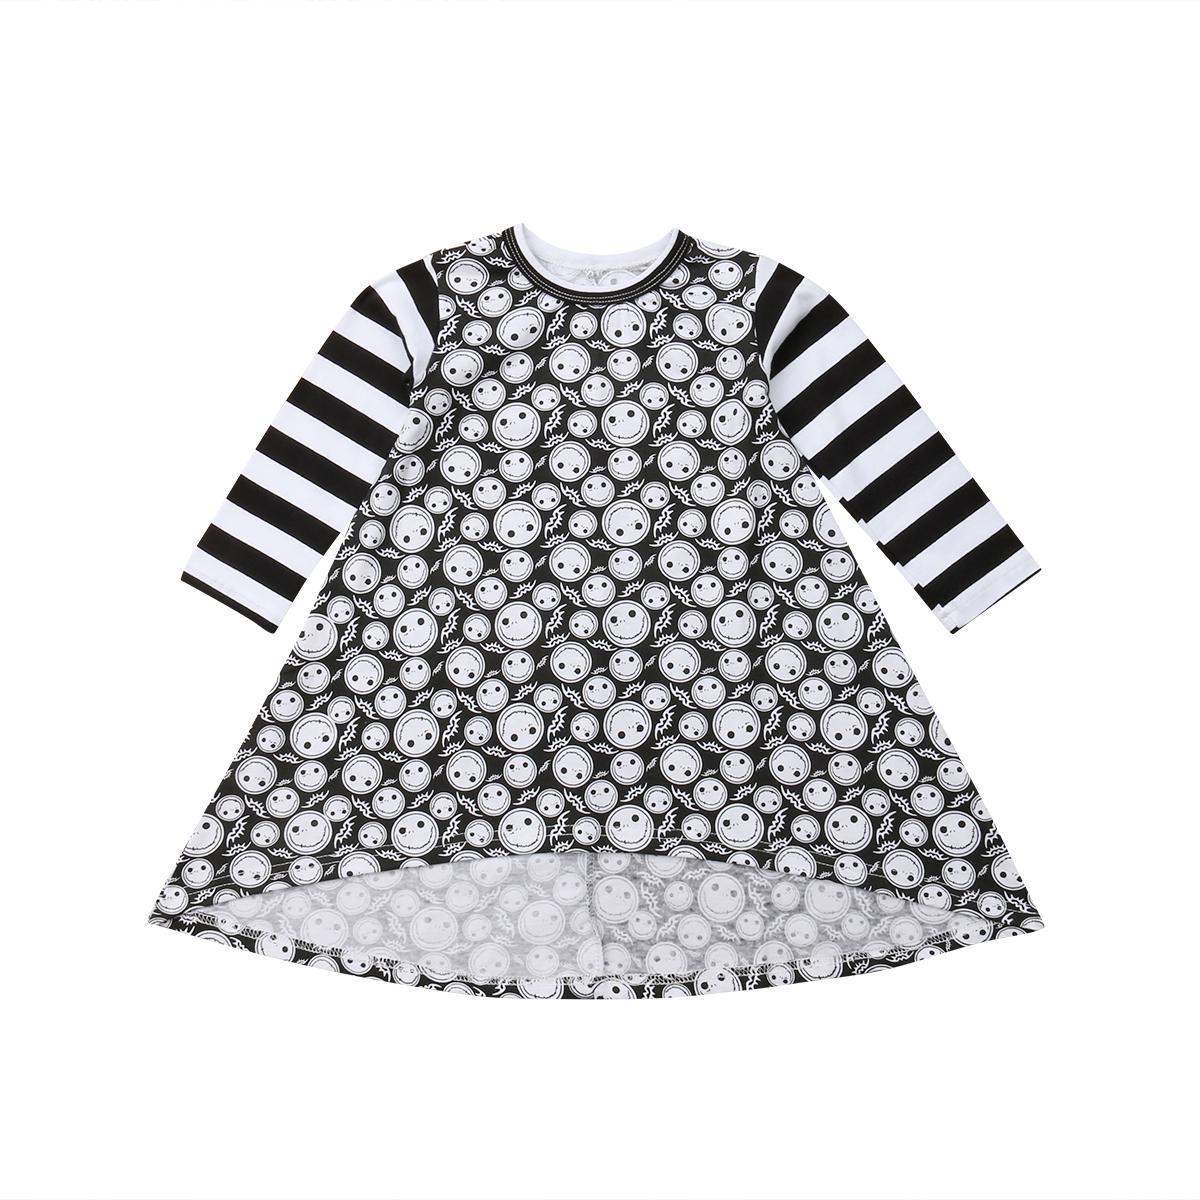 Niño recién nacido del niño del cabrito del bebé de la ropa de algodón casual de impresión popular de Halloween princesa vestido del desfile de la fiesta del equipo del traje